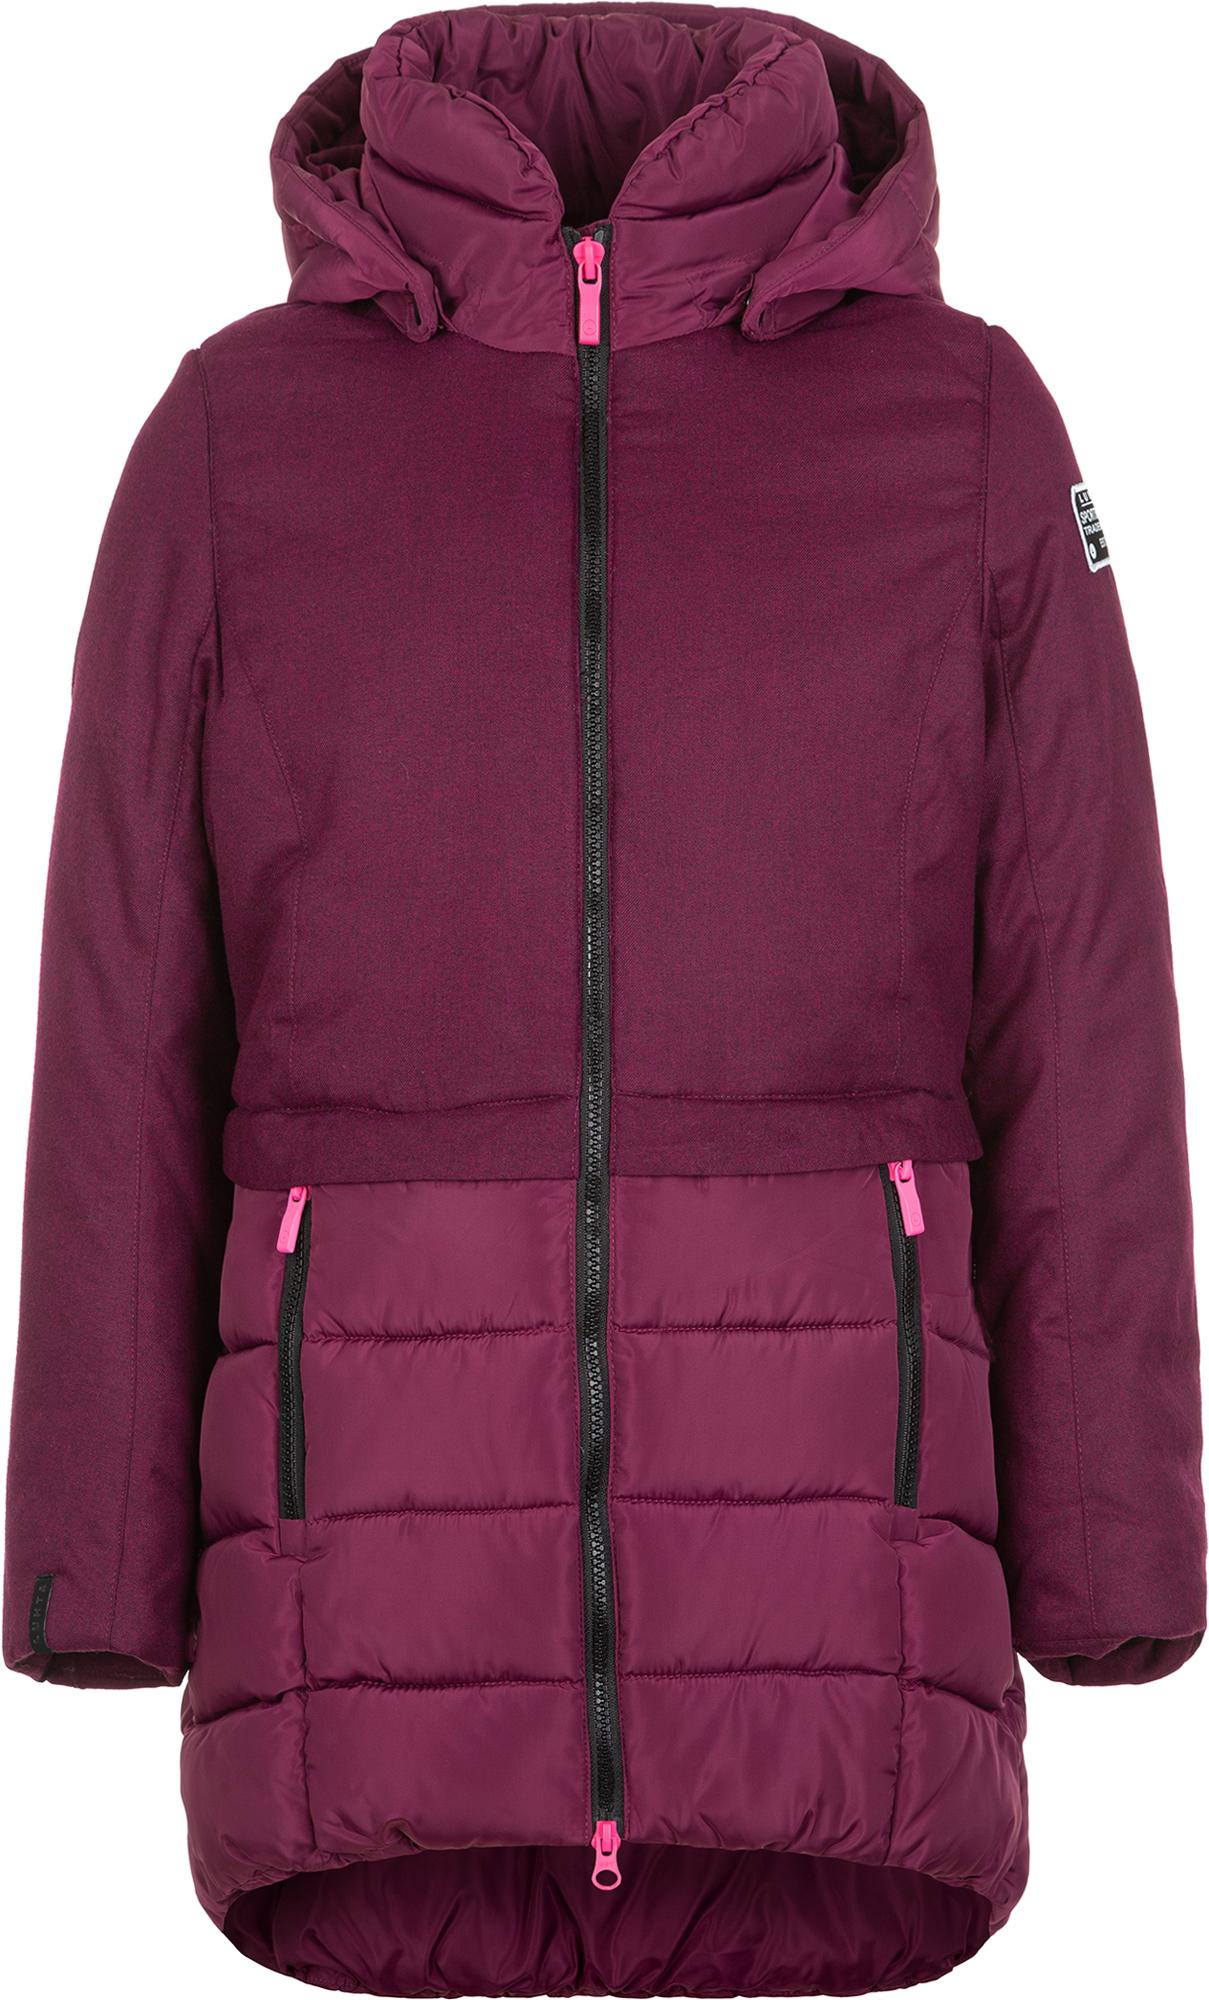 Luhta Куртка утепленная для девочек Luhta Lempinen, размер 158 luhta куртка утепленная женская luhta petre размер 52